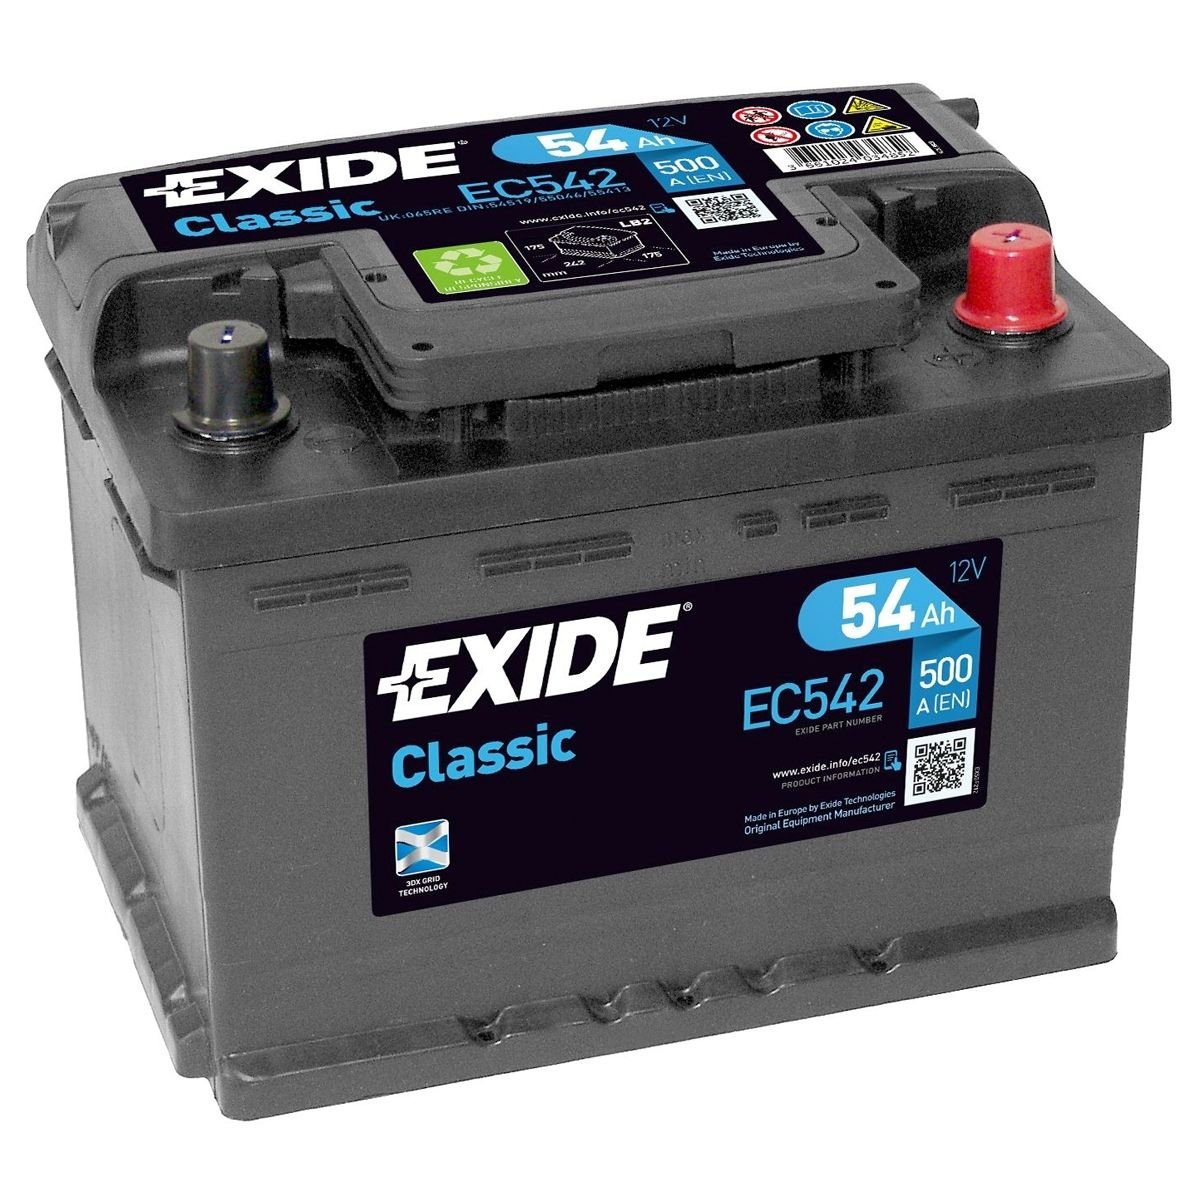 Exide Car Battery >> 065re Exide Classic Car Battery Ec542